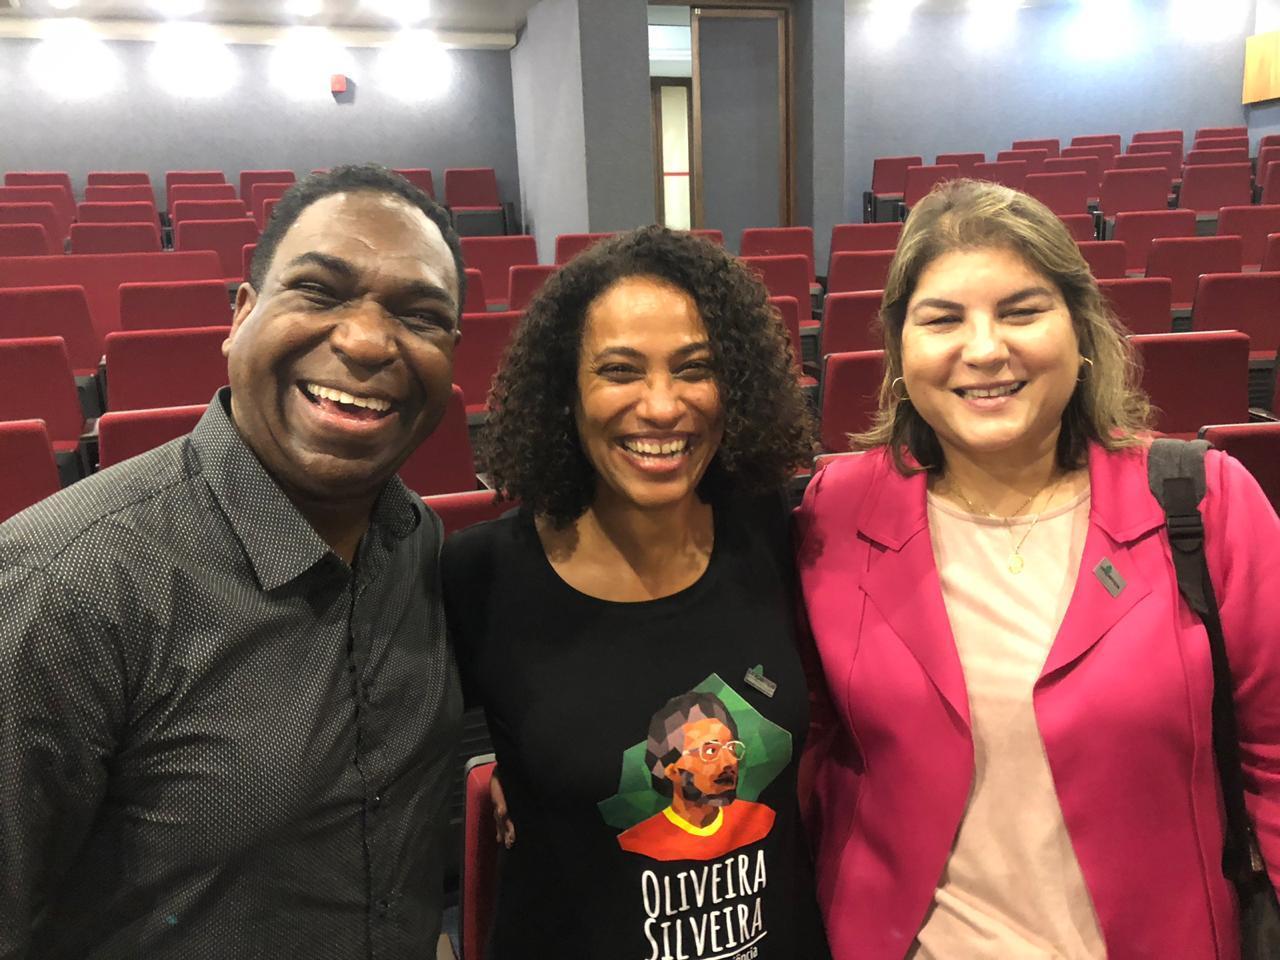 Professores da Unipampa durante o lançamento do curso EaD sobre o poeta gaúcho Oliveira Silveira.